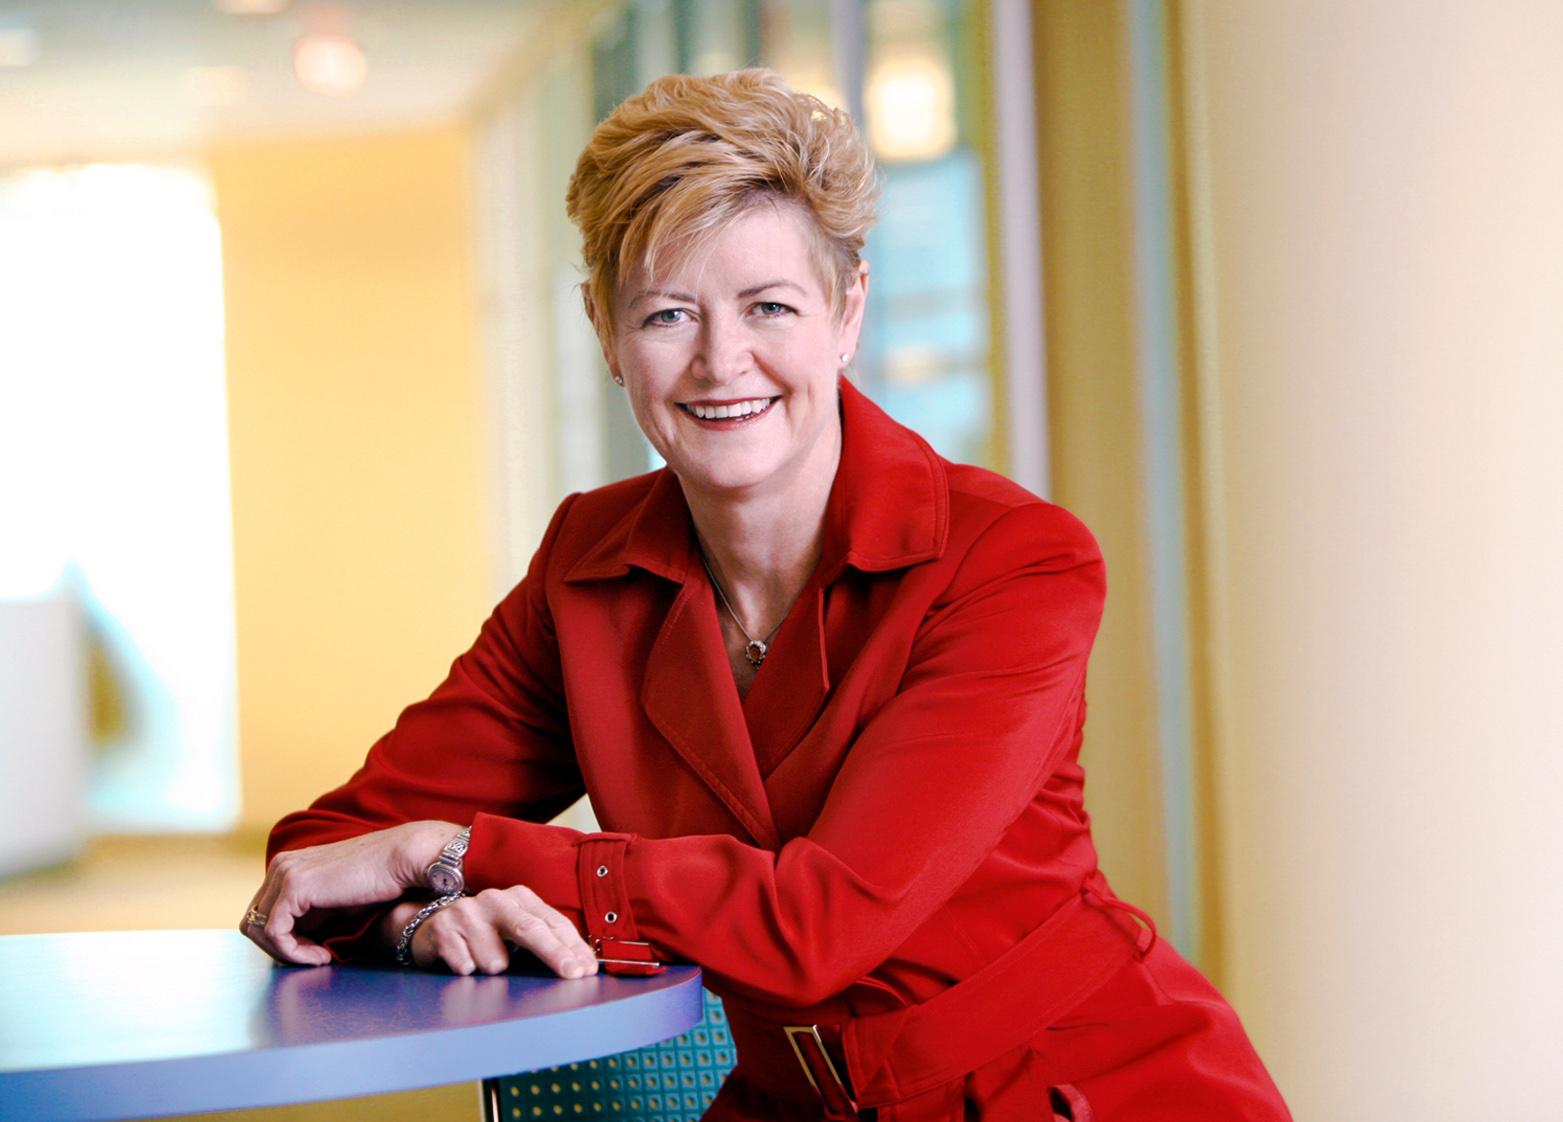 Deborah Dunshire